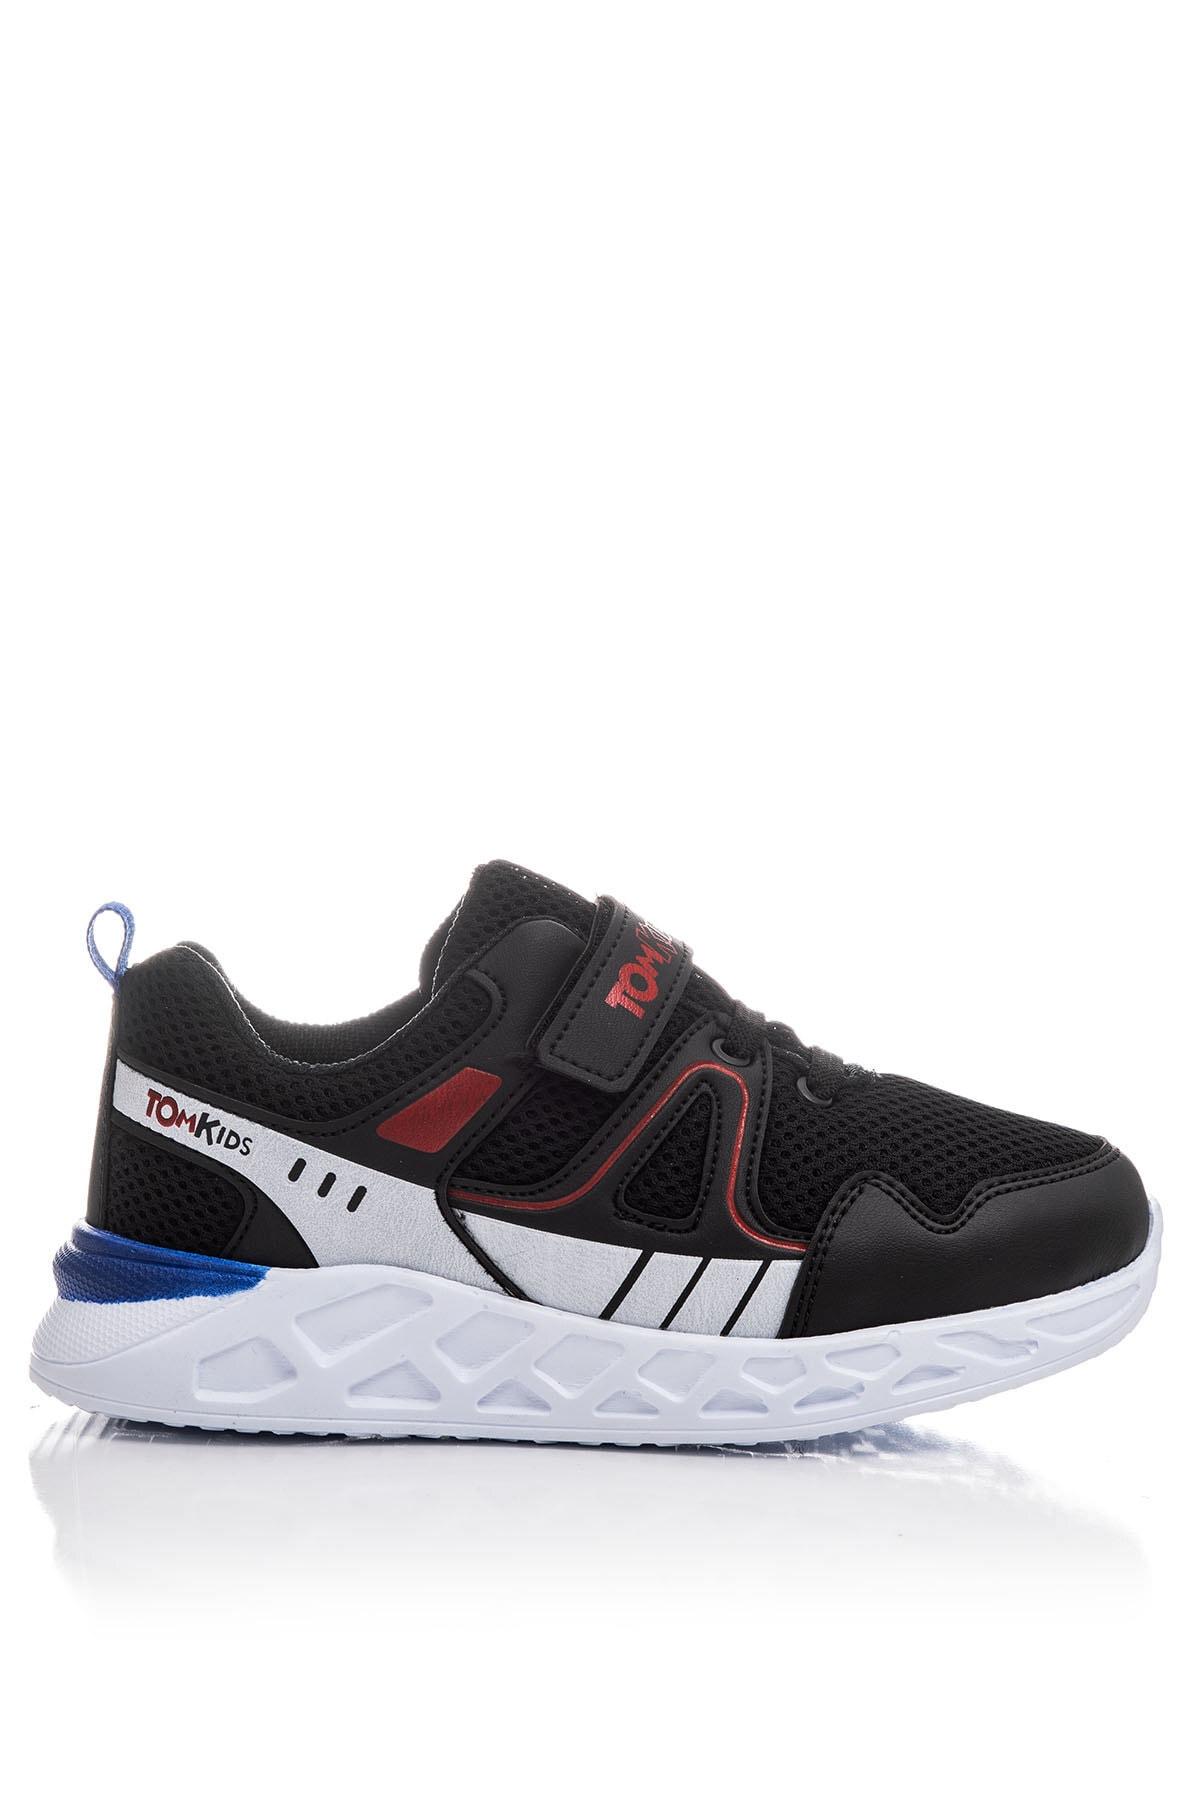 Tonny Black Erkek Çocuk Siyah Çocuk Spor Ayakkabı TB3401-3 2